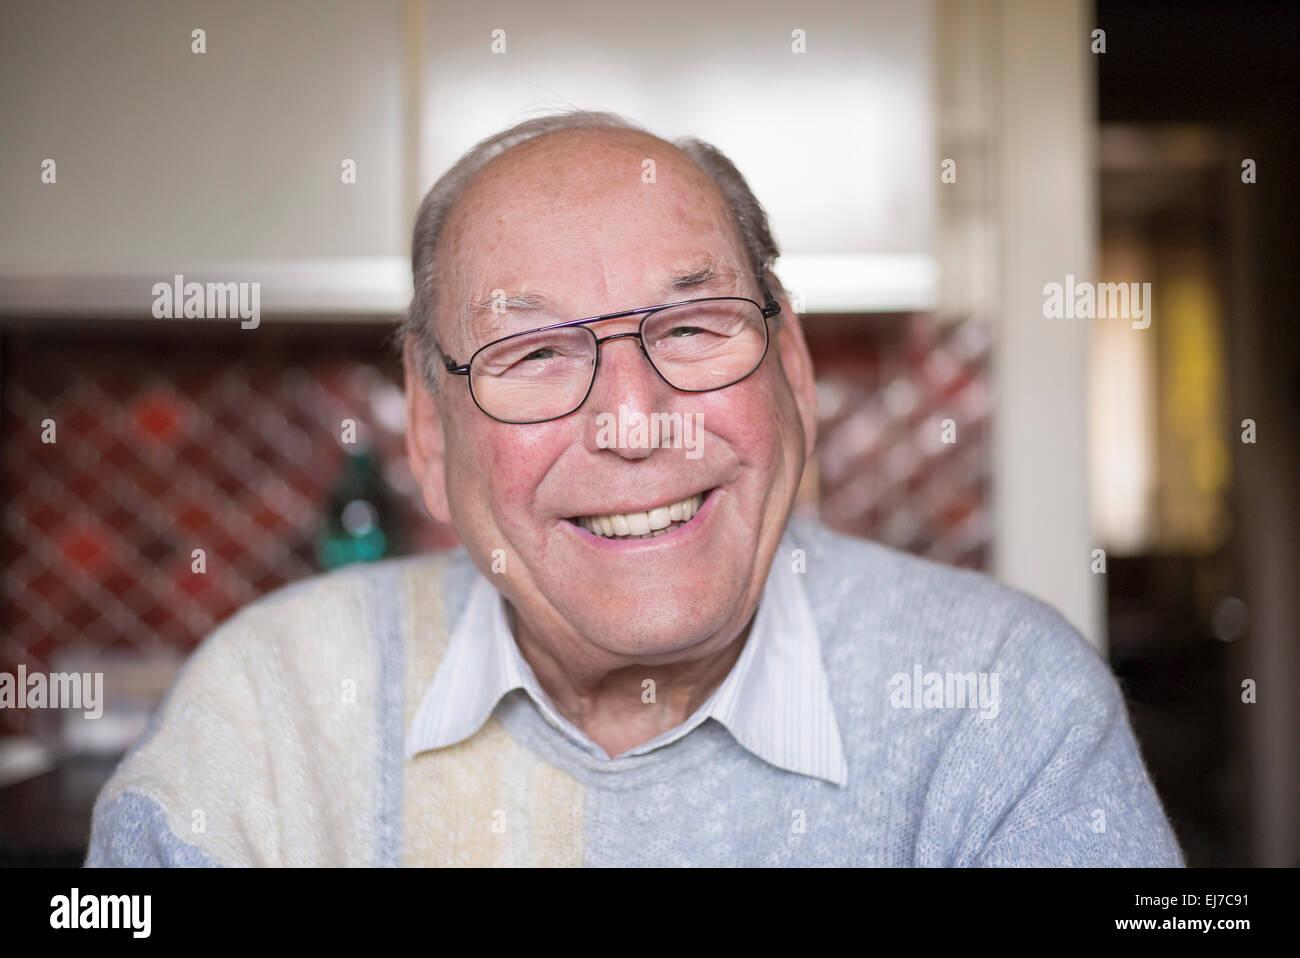 80s sorridente uomo anziano ritratto, ritratto ridere maschio Foto Stock